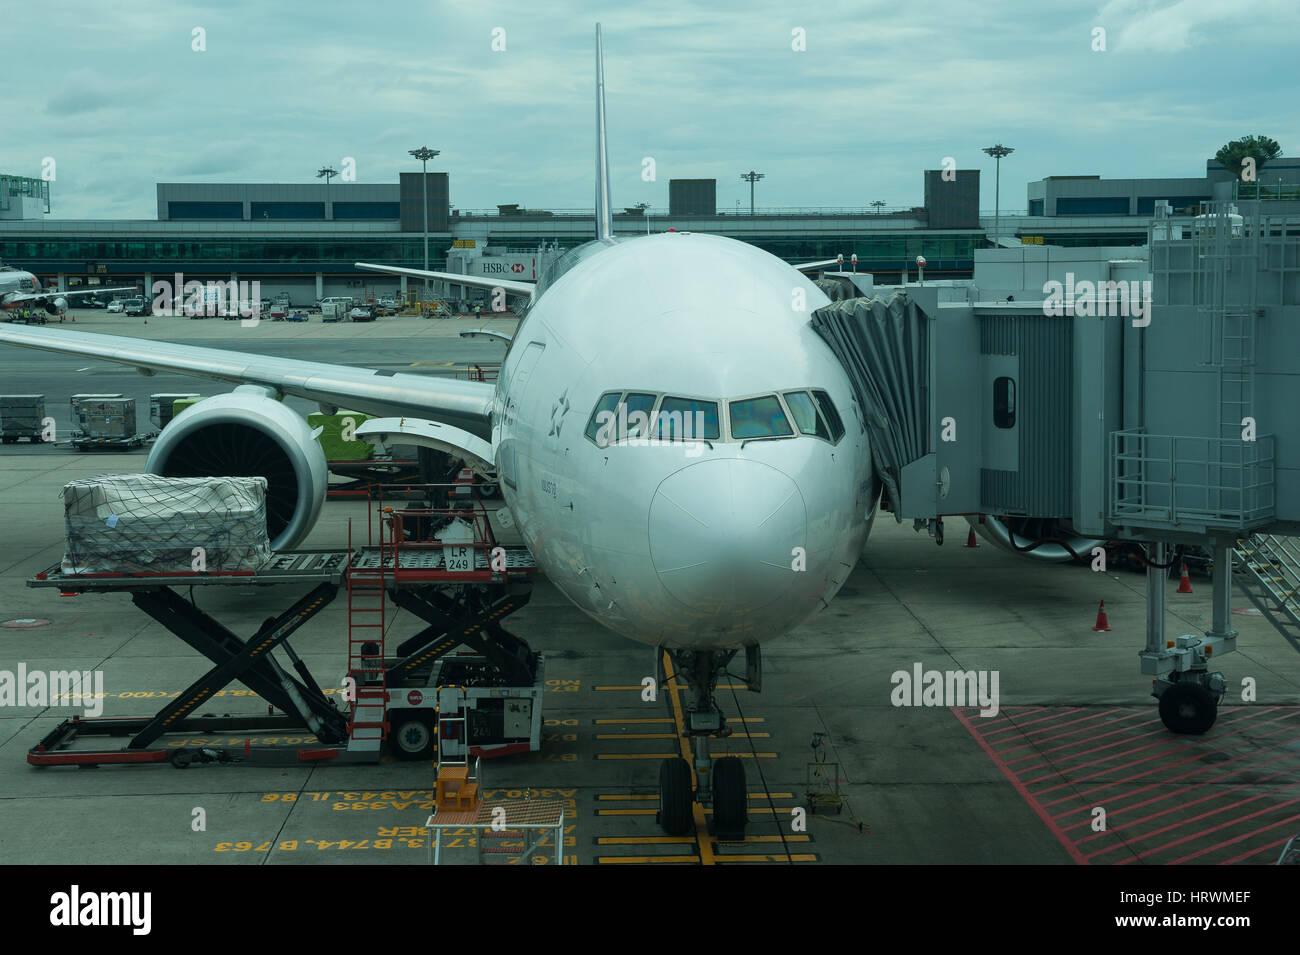 25.01.2017, Singapur, República de Singapur, Asia - un avión de pasajeros de Thai Airways está estacionado Imagen De Stock